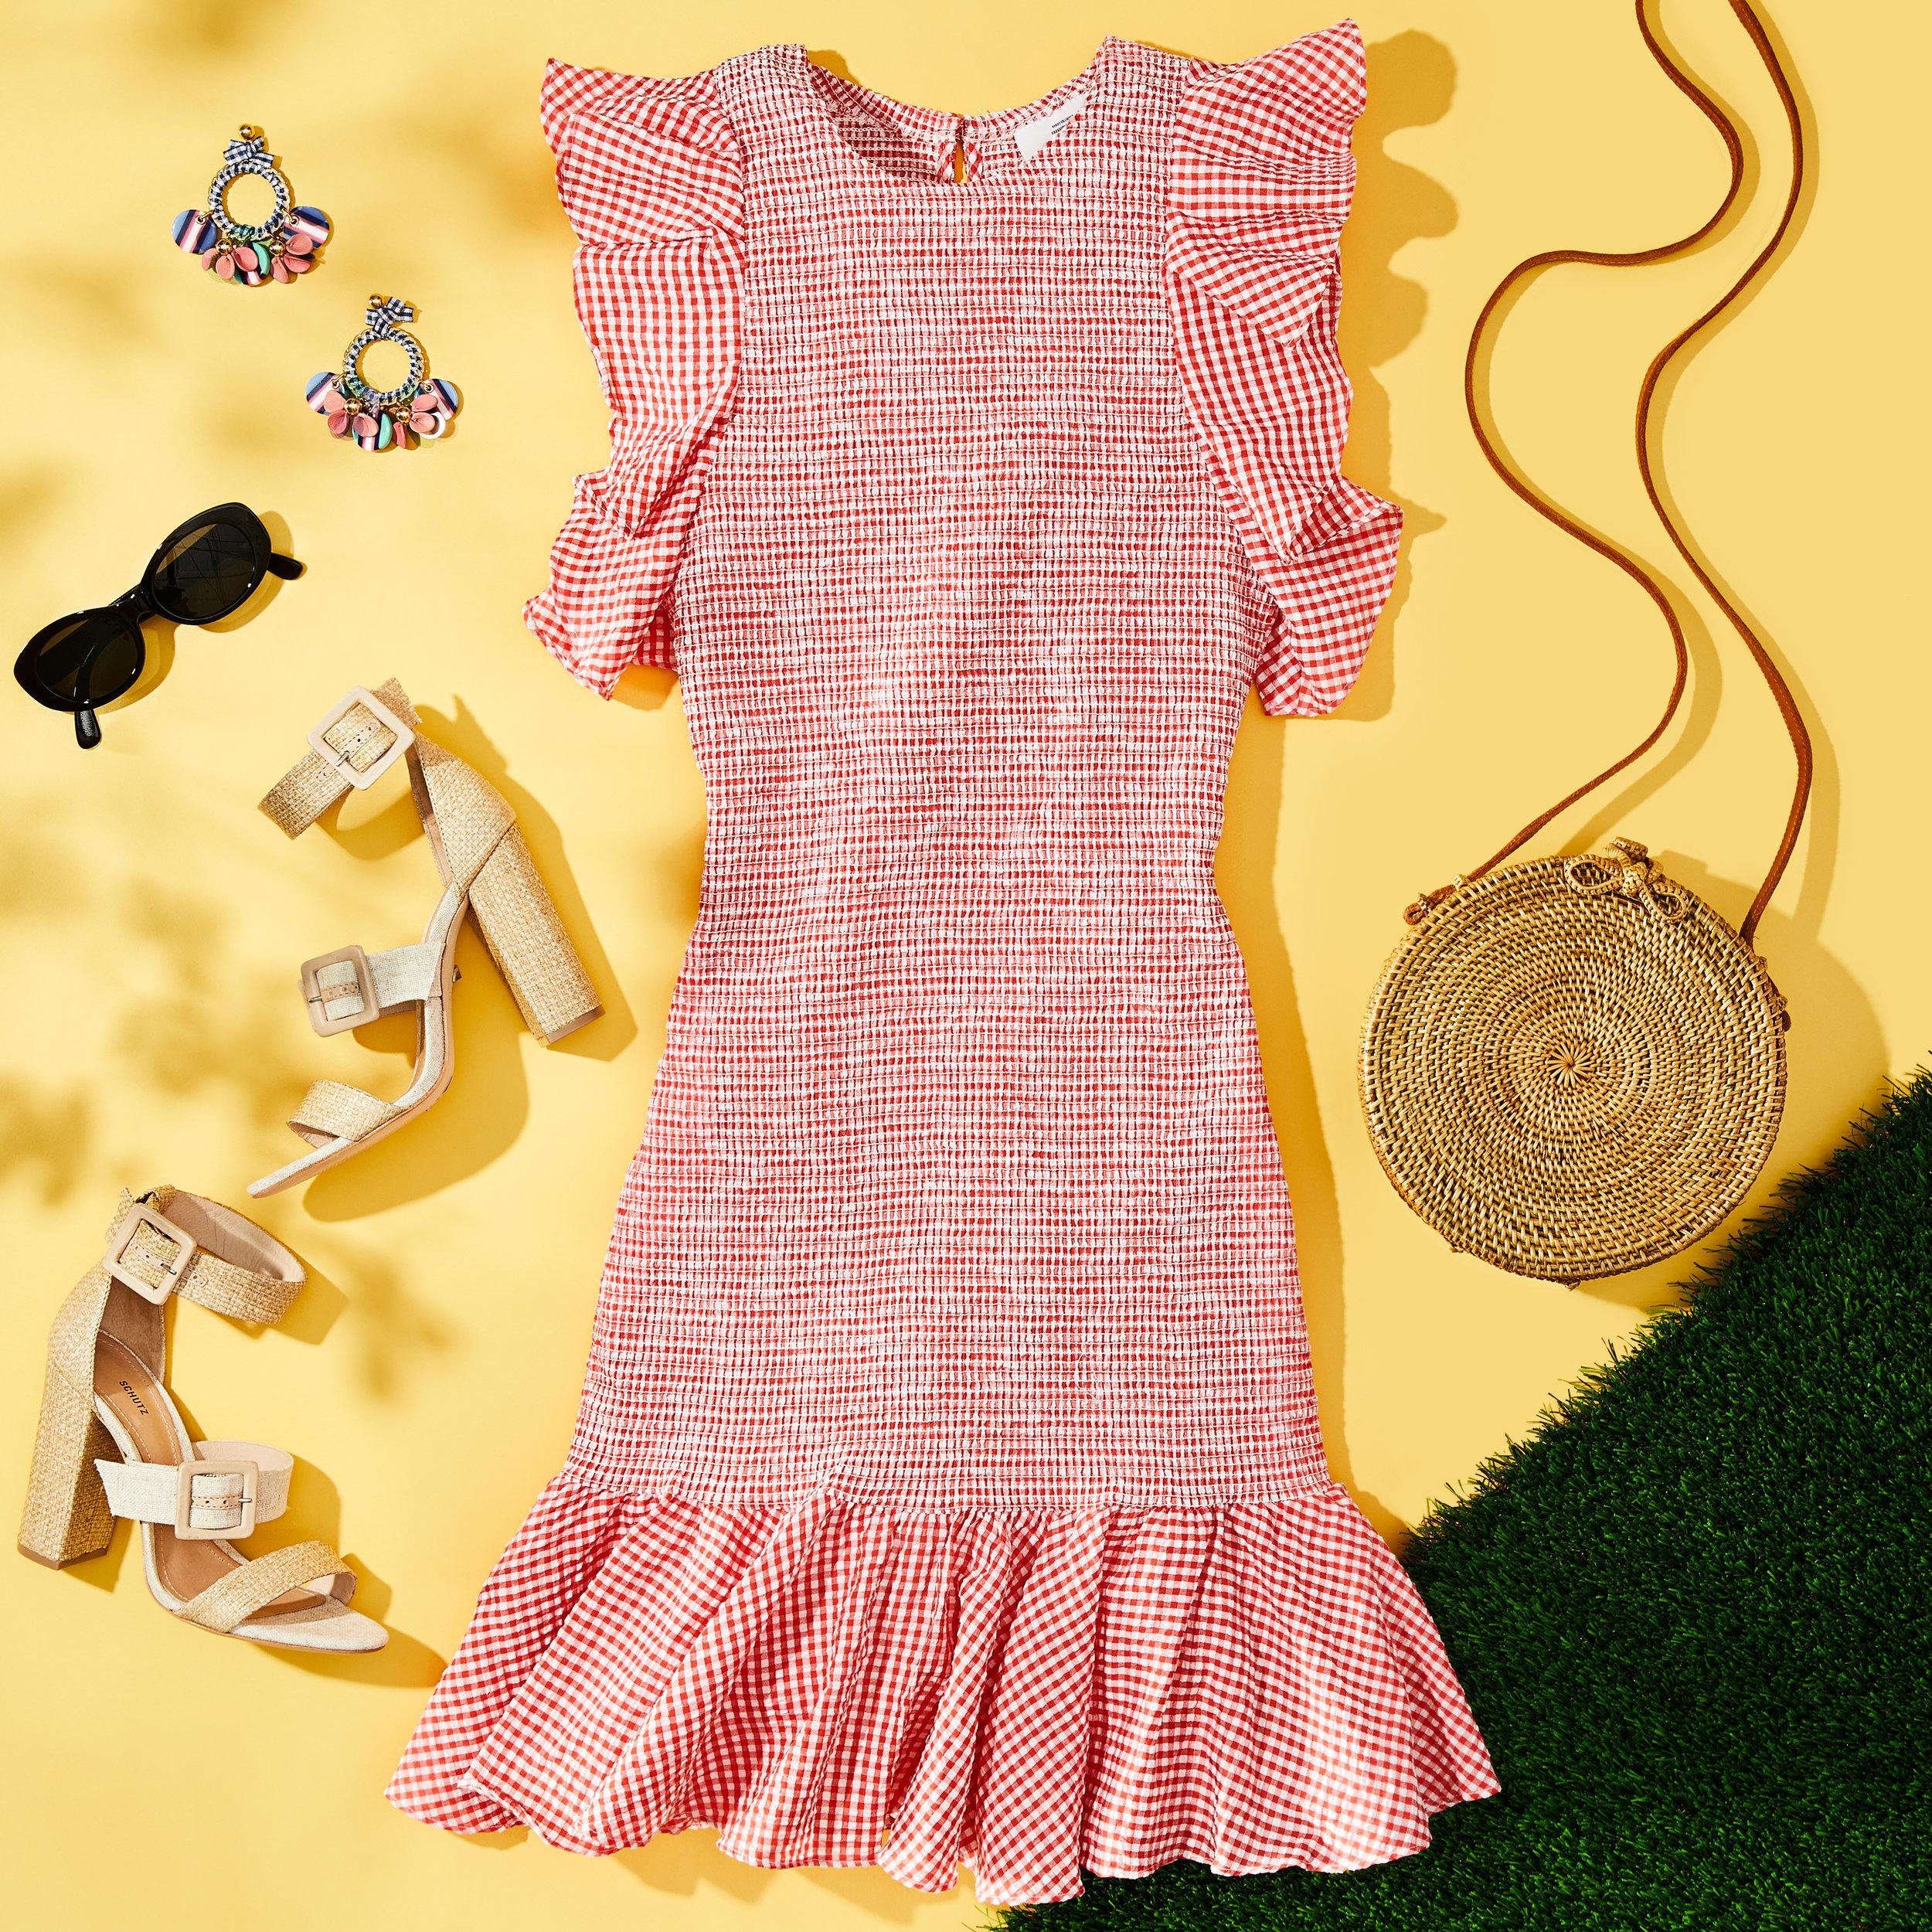 amazon_fashion_summer_dress_casual_jenna_gang_photography.jpg